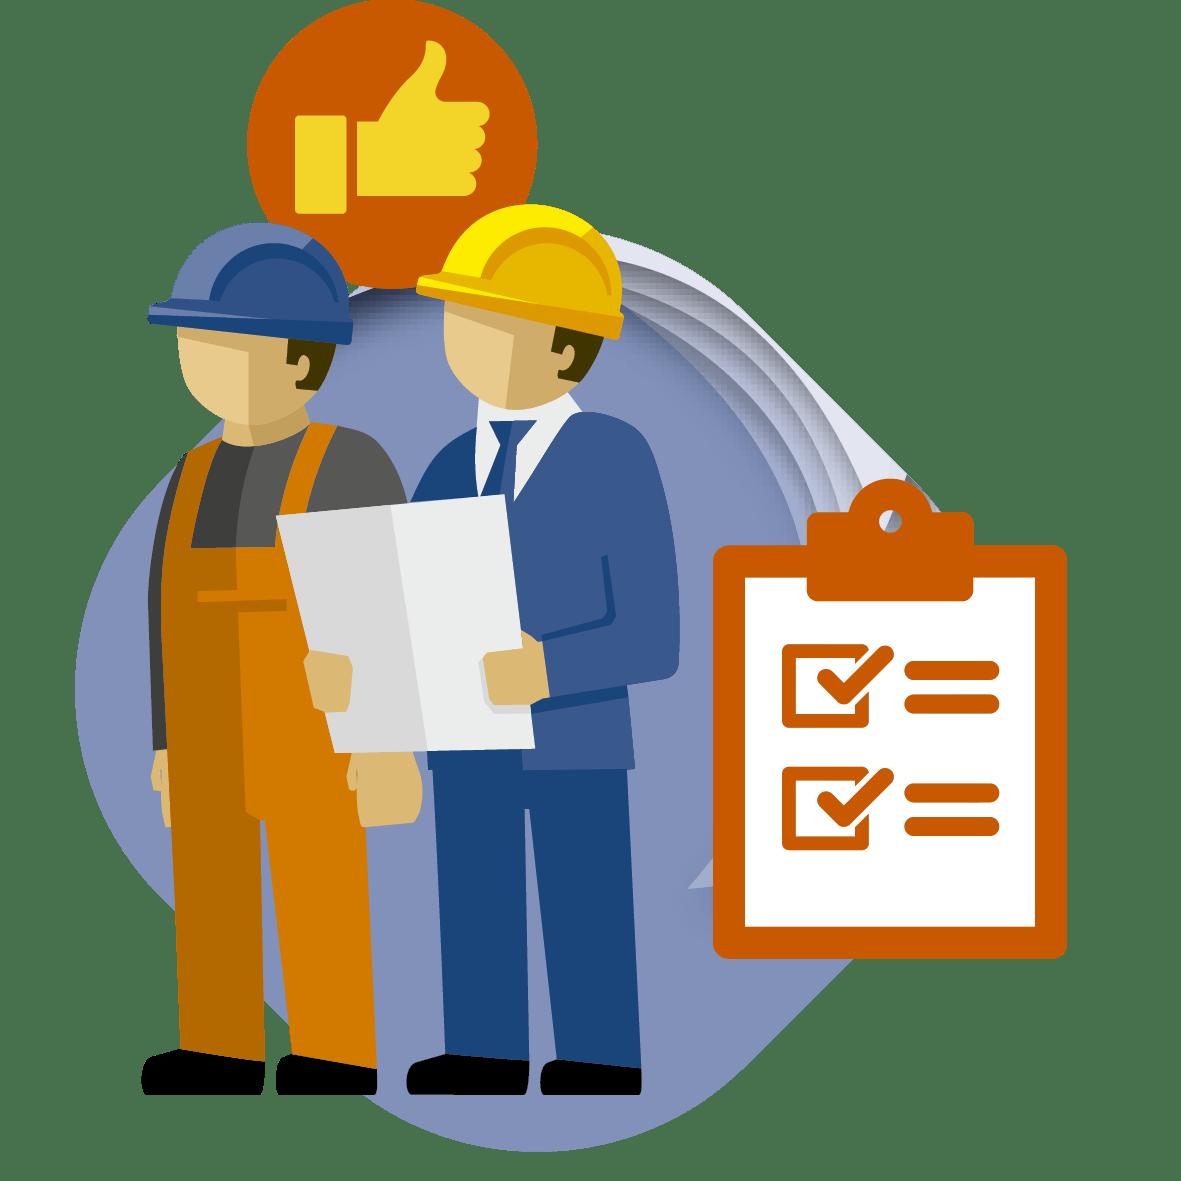 über Jongia - Qualitätskontrolle